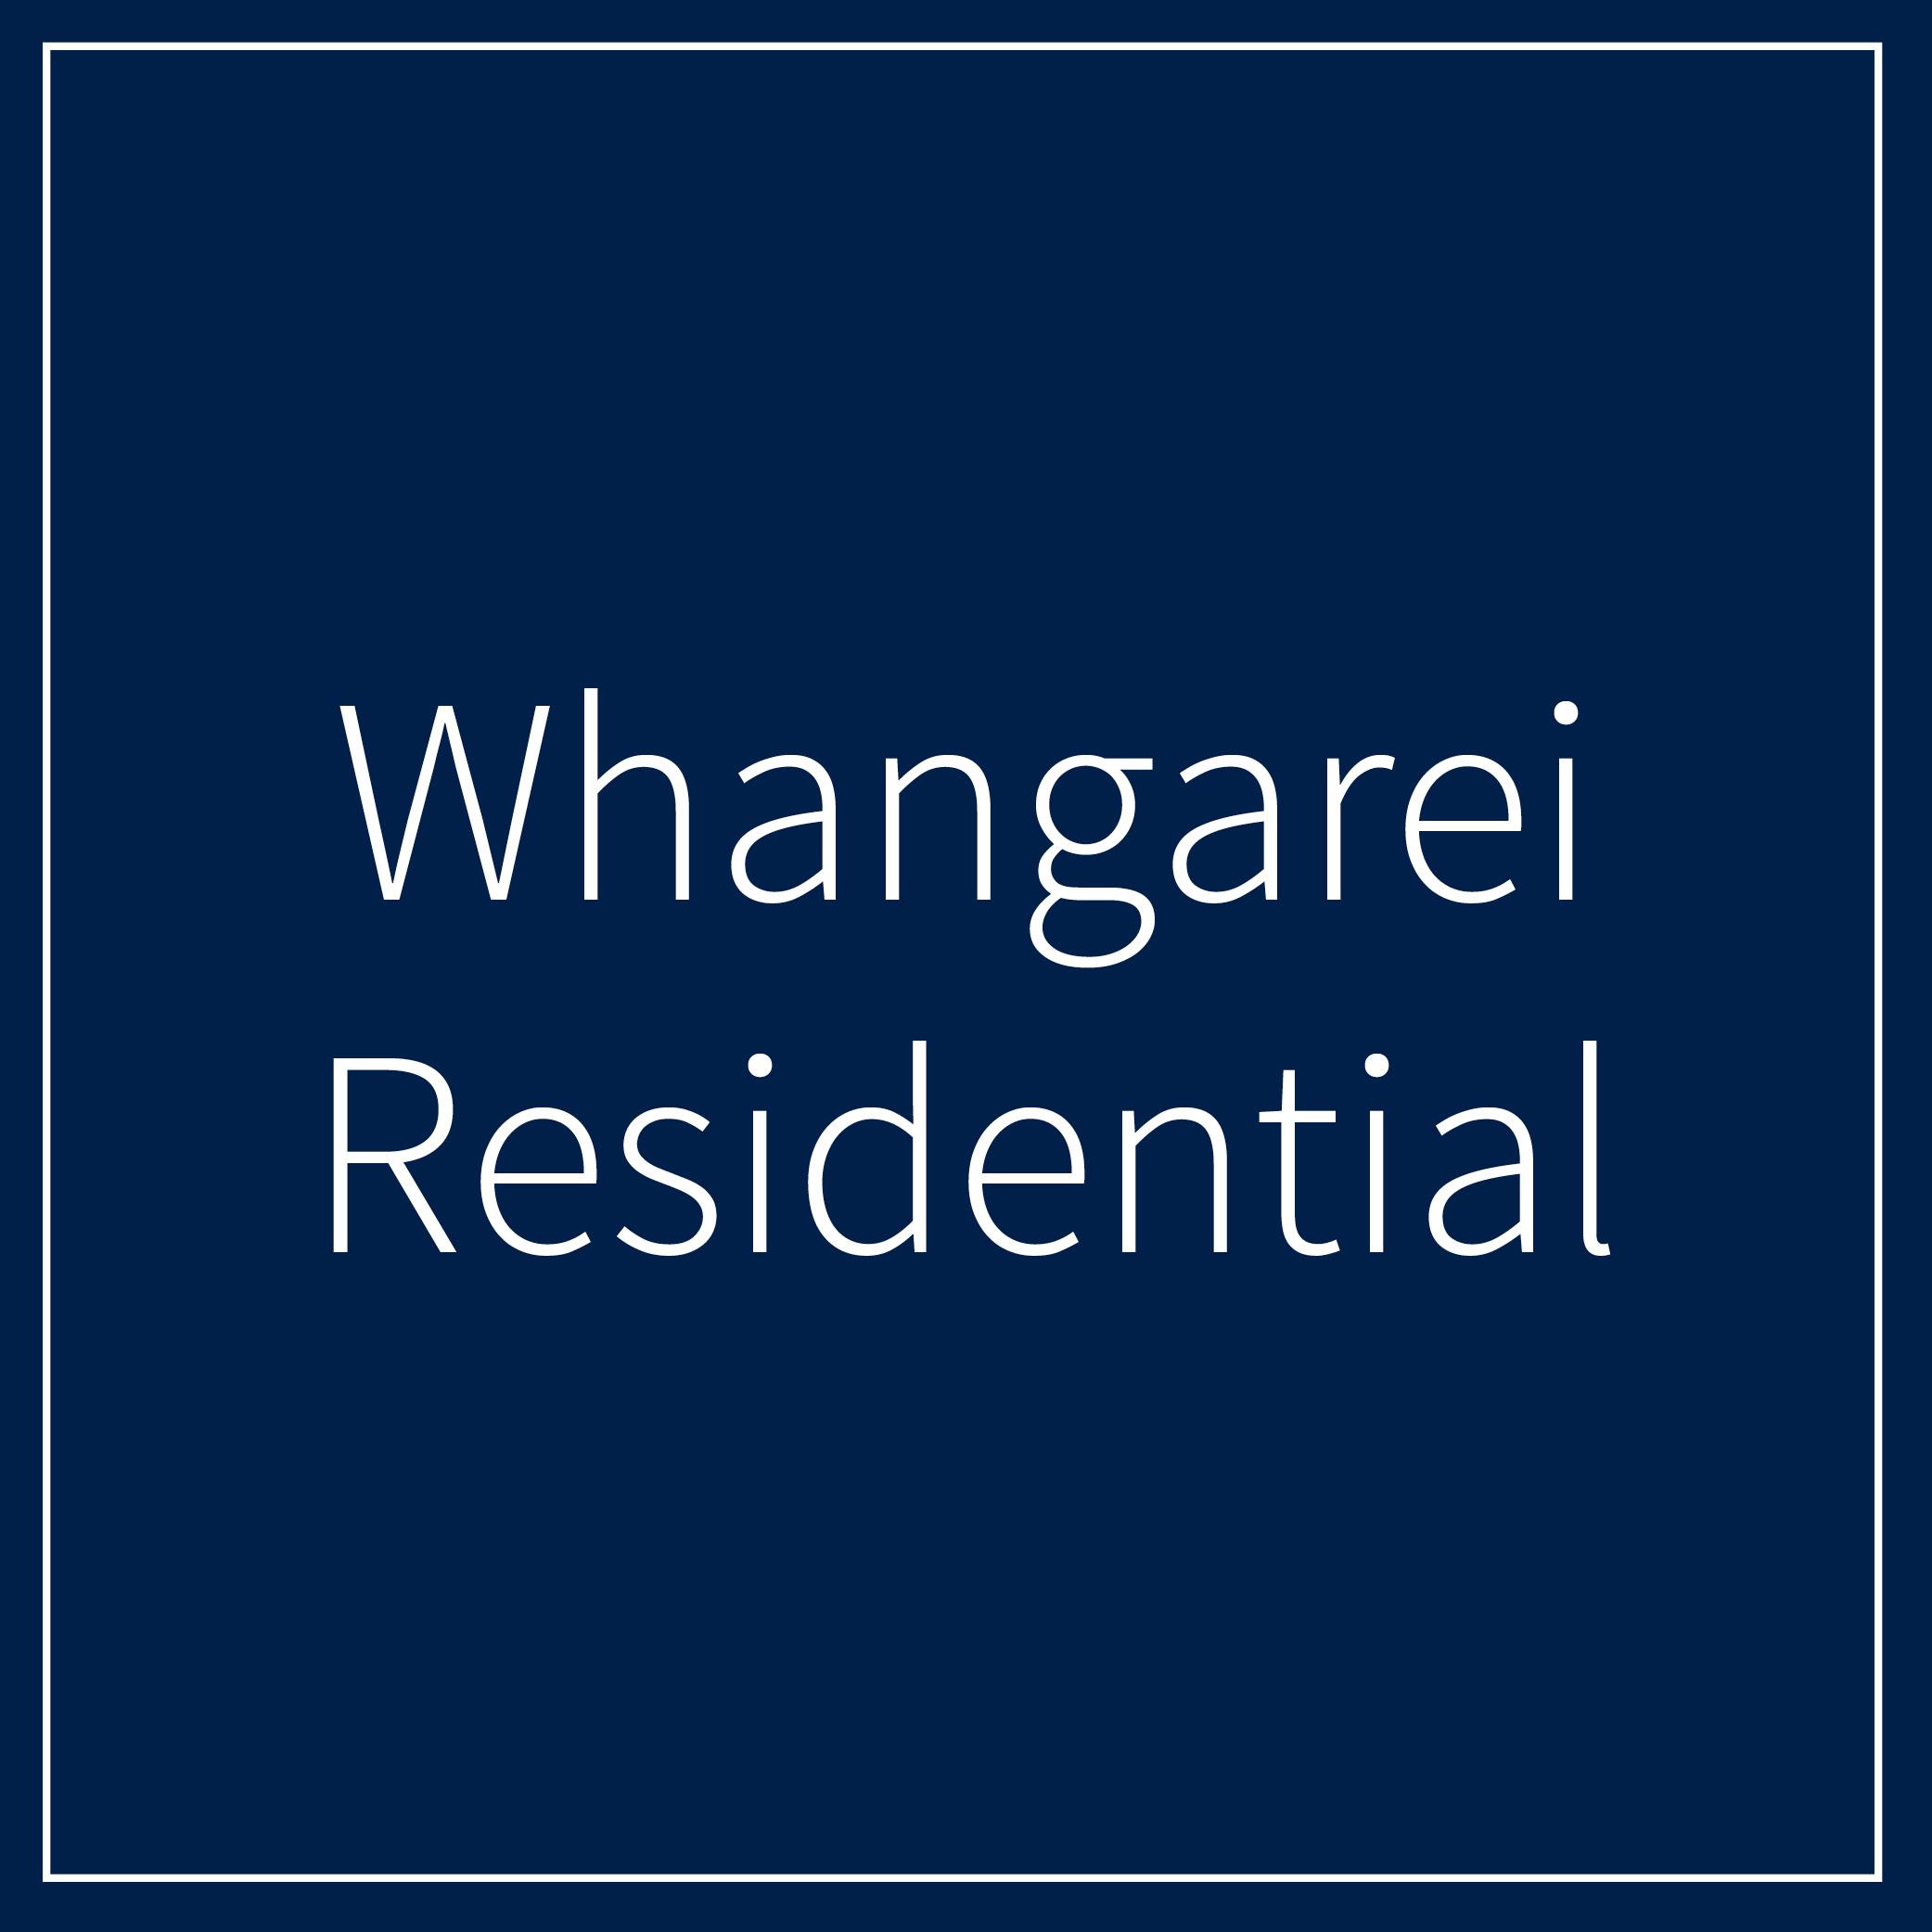 WHG Residential.jpg